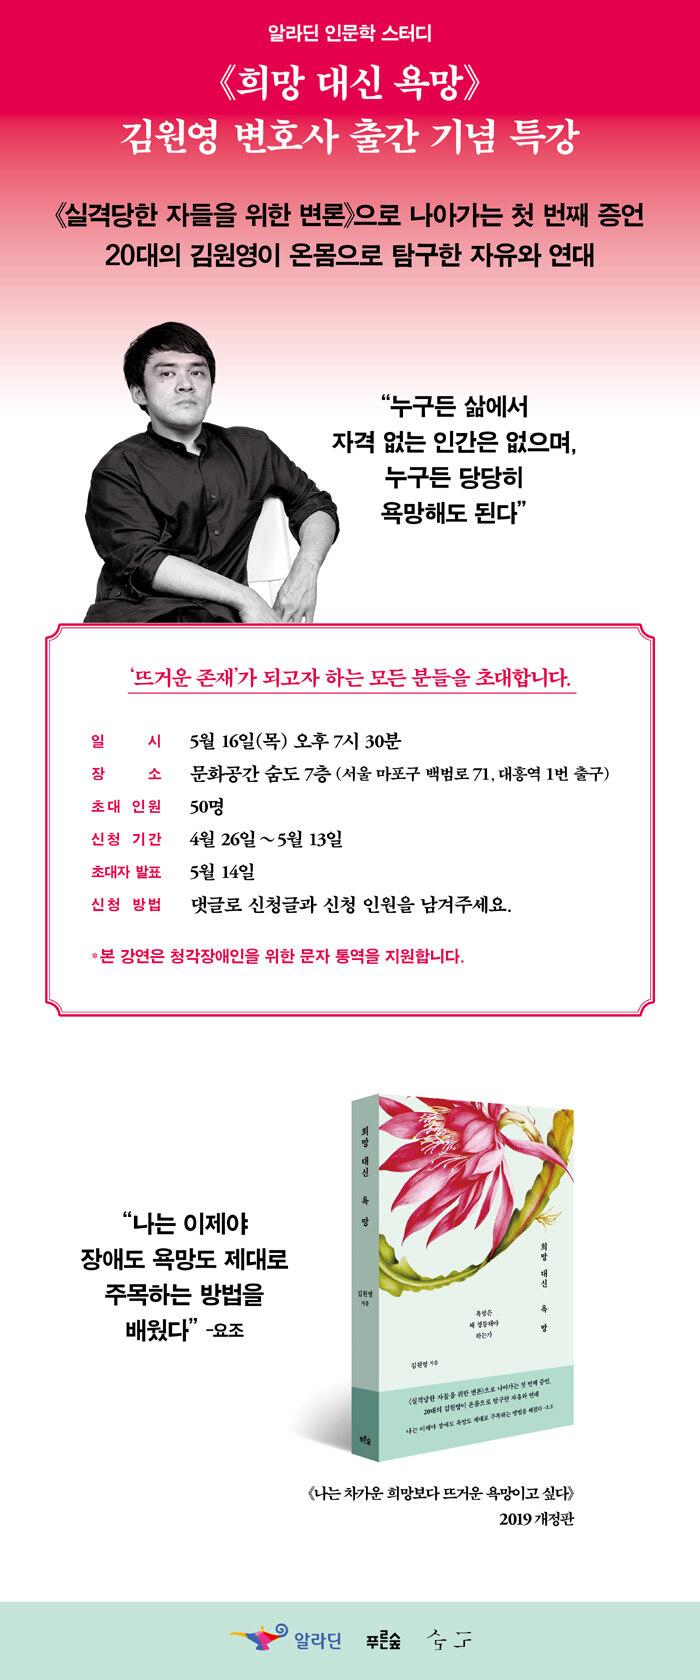 인문학 스터디 <희망 대신 욕망> 저자 강연회